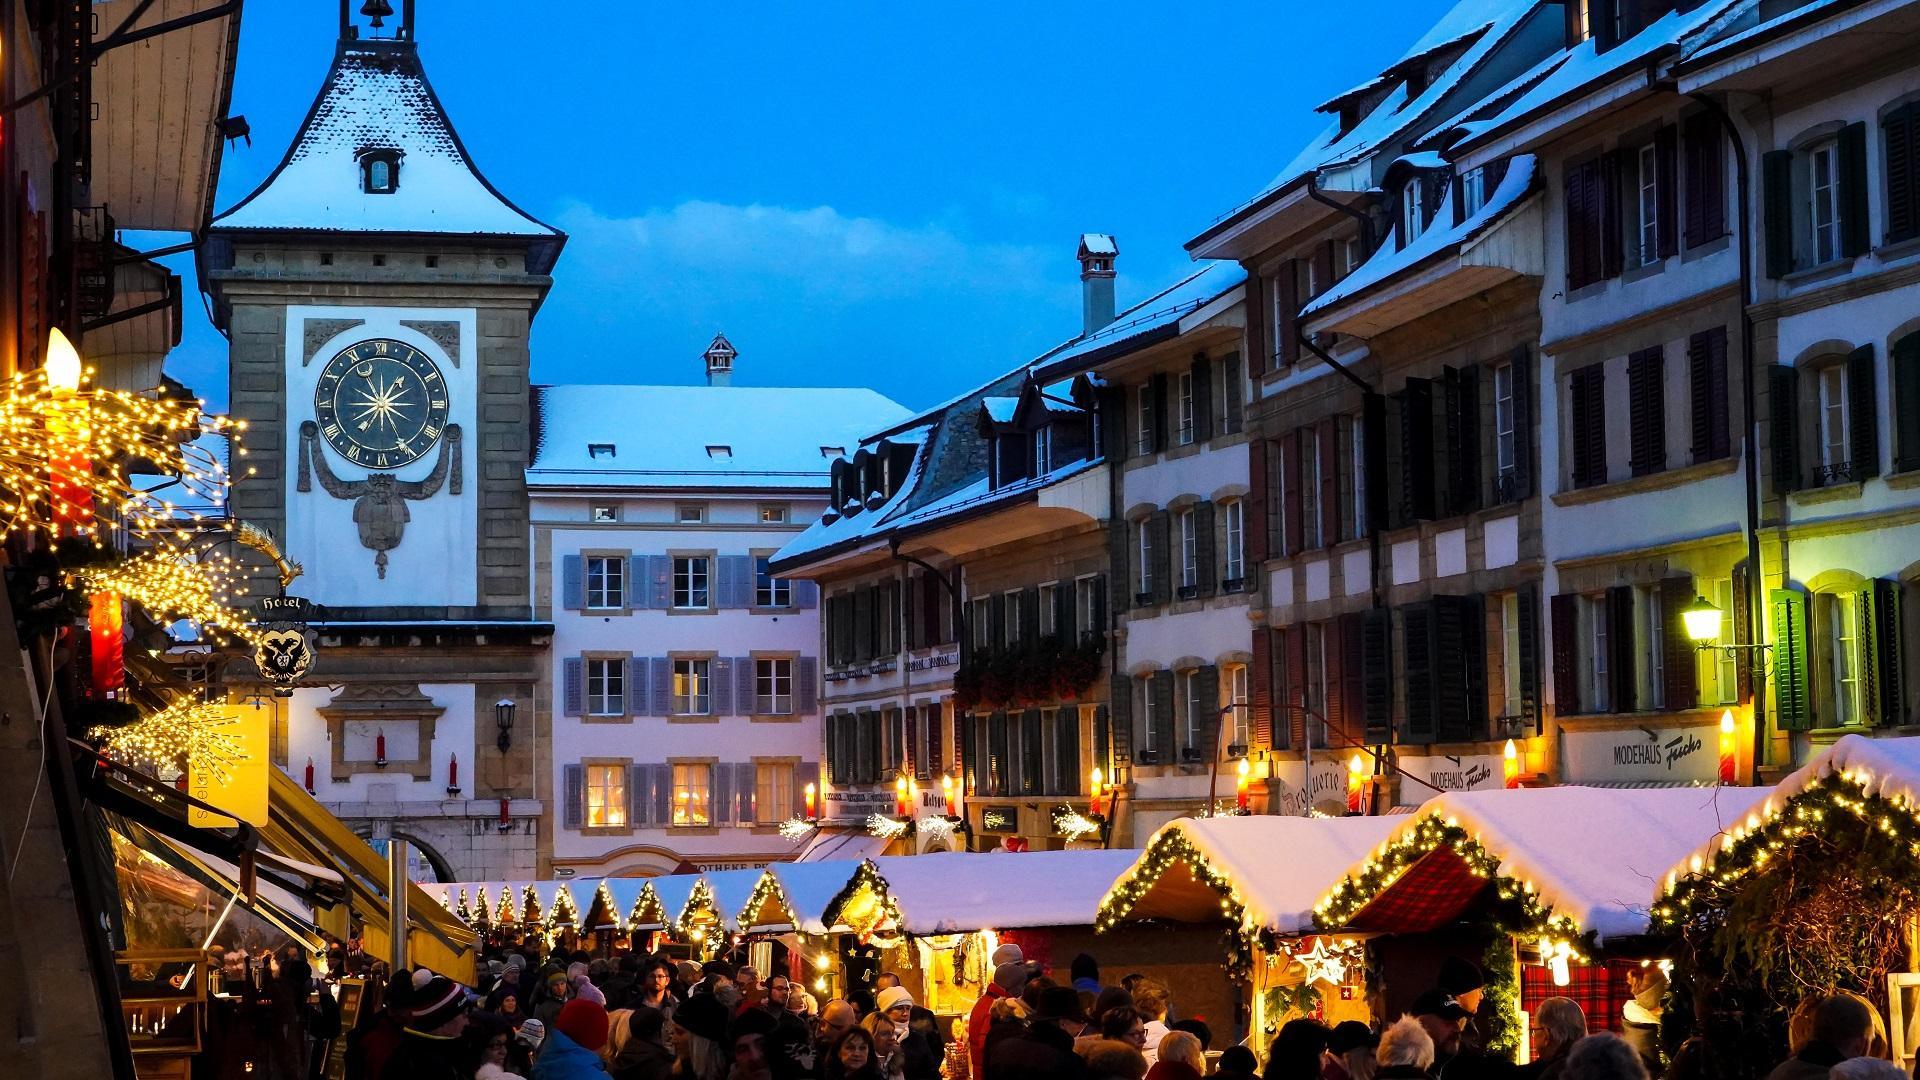 Weihnachtsmarkt Kalender 2019.Murtner Weihnachtsmarkt